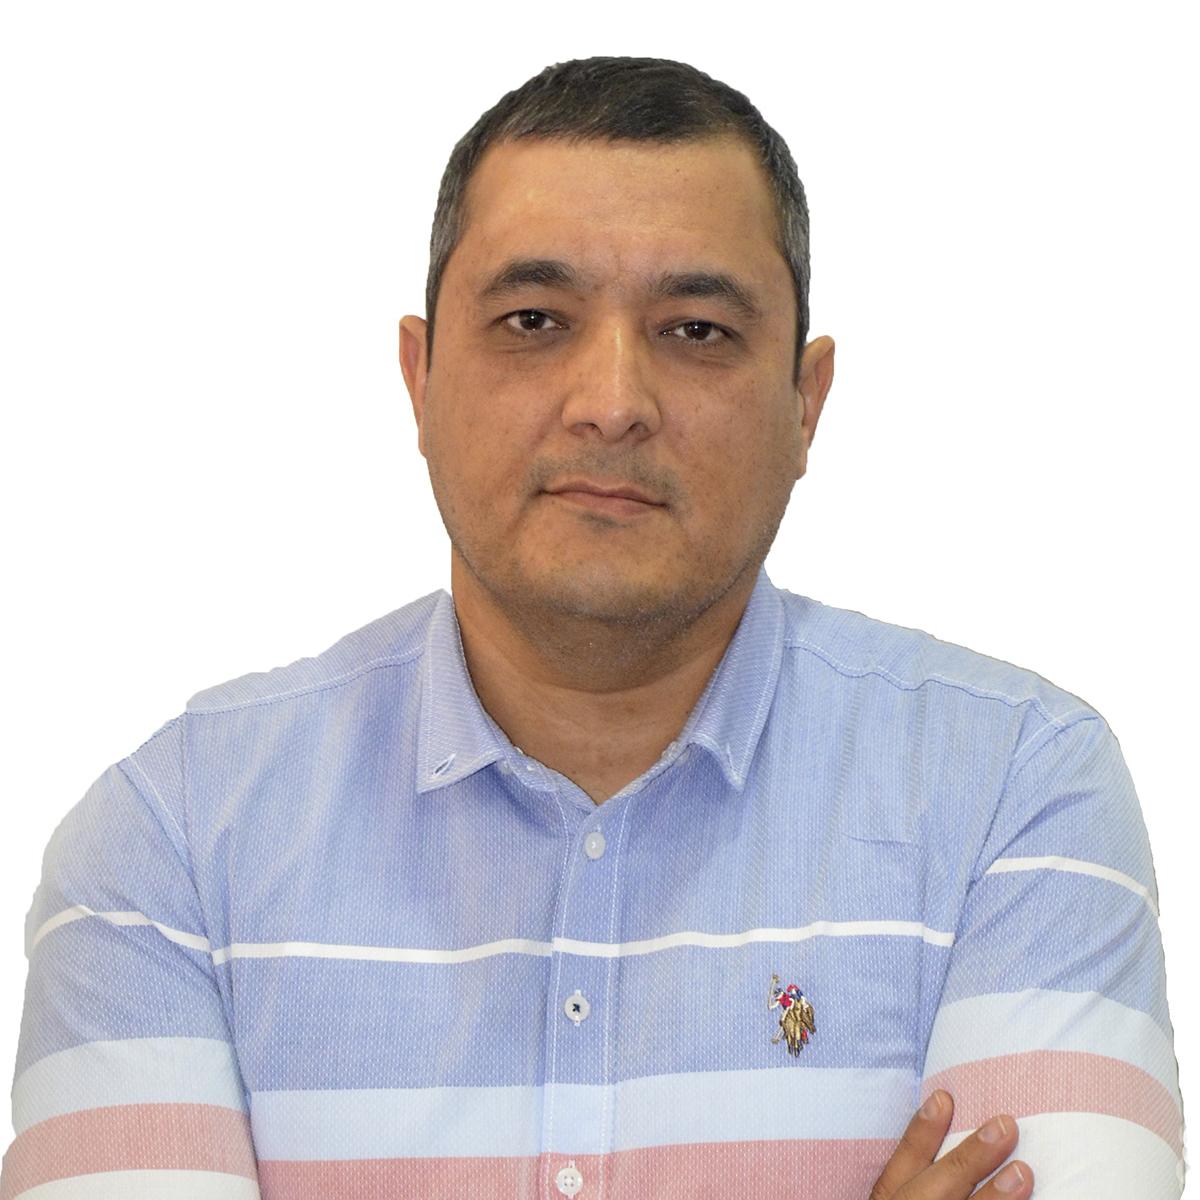 Sherzod Kattakhodjaev